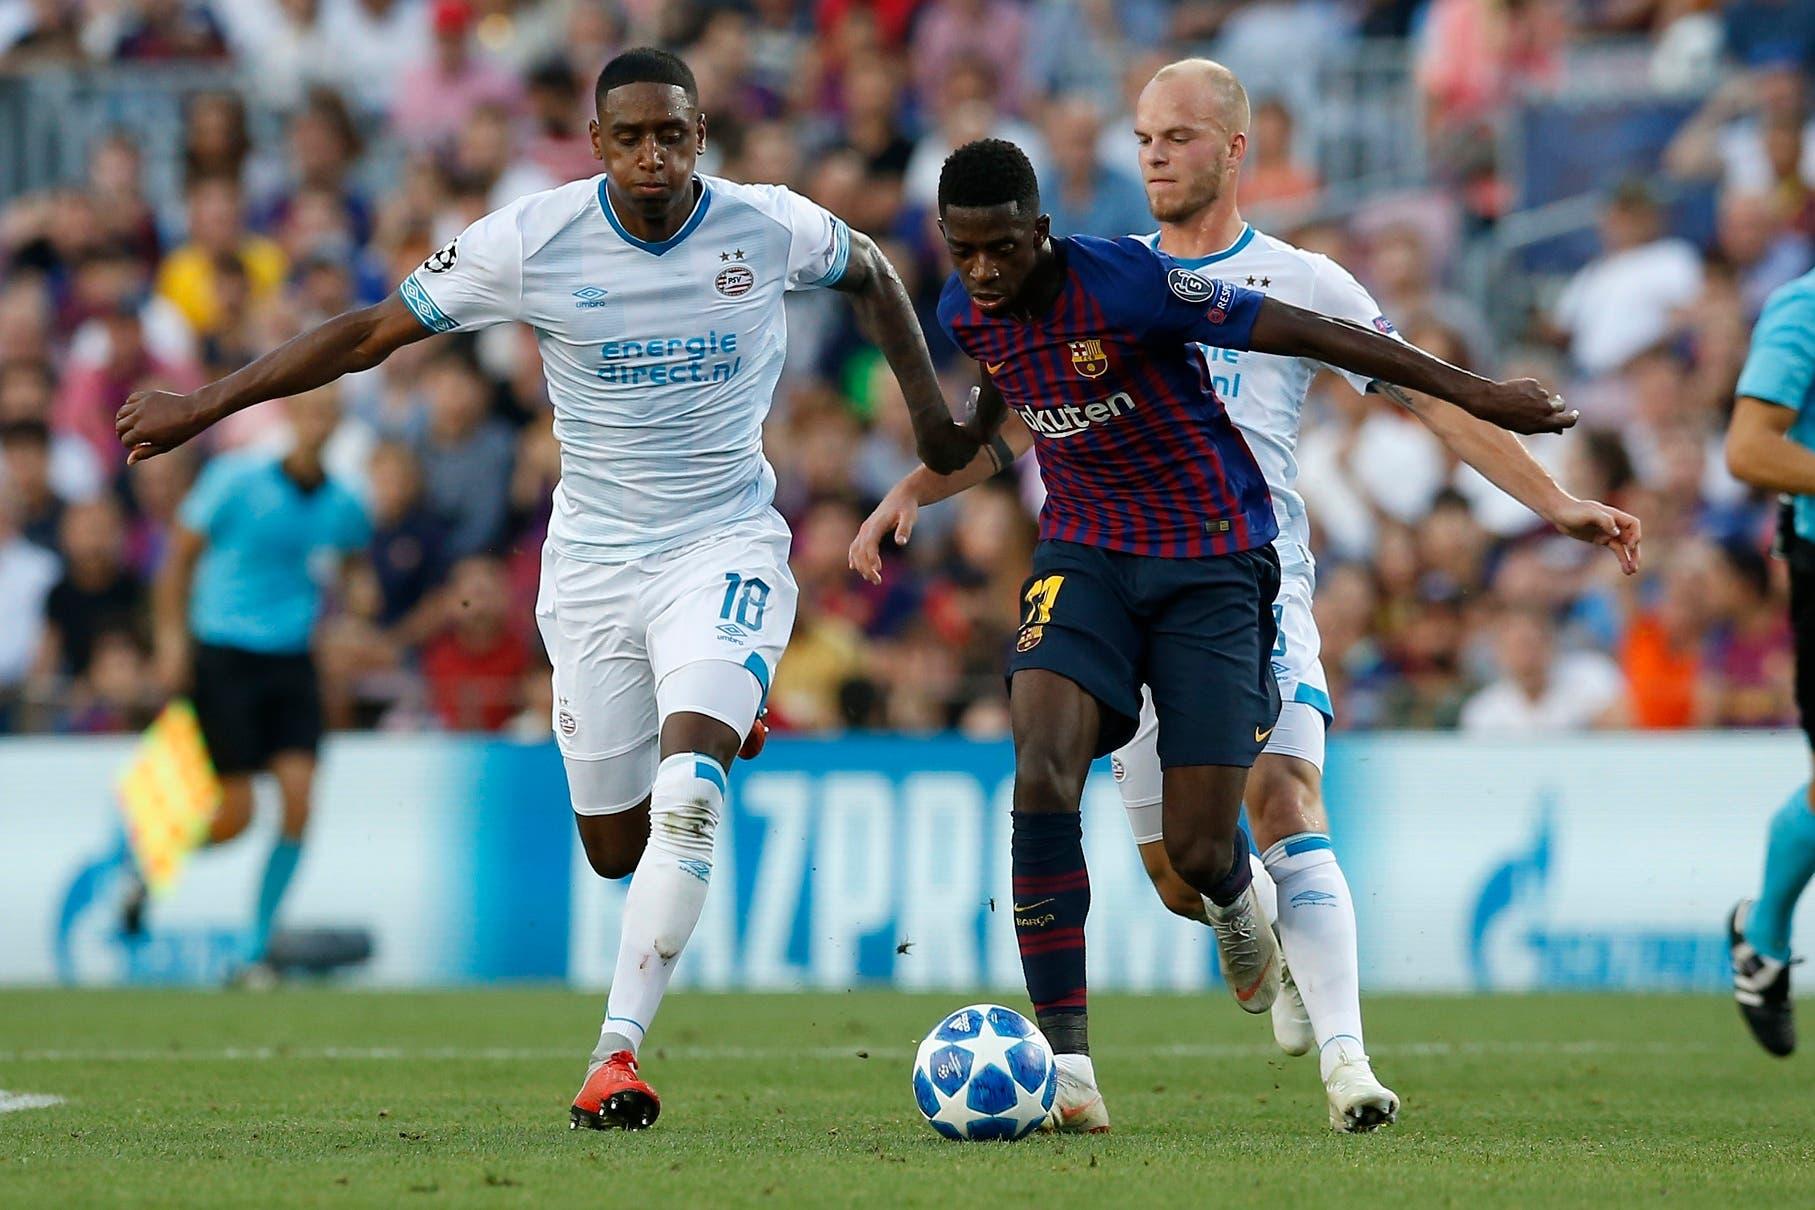 El volante Pablo Rosario (izquierda) del PSV Eindhoven trata de contener al delantero Ousmane Dembélé del Barcelona en un partido por la Liga de Campeones en Barcelona, el martes 18 de septiembre de 2018. (AP Foto/Manu Fernández)